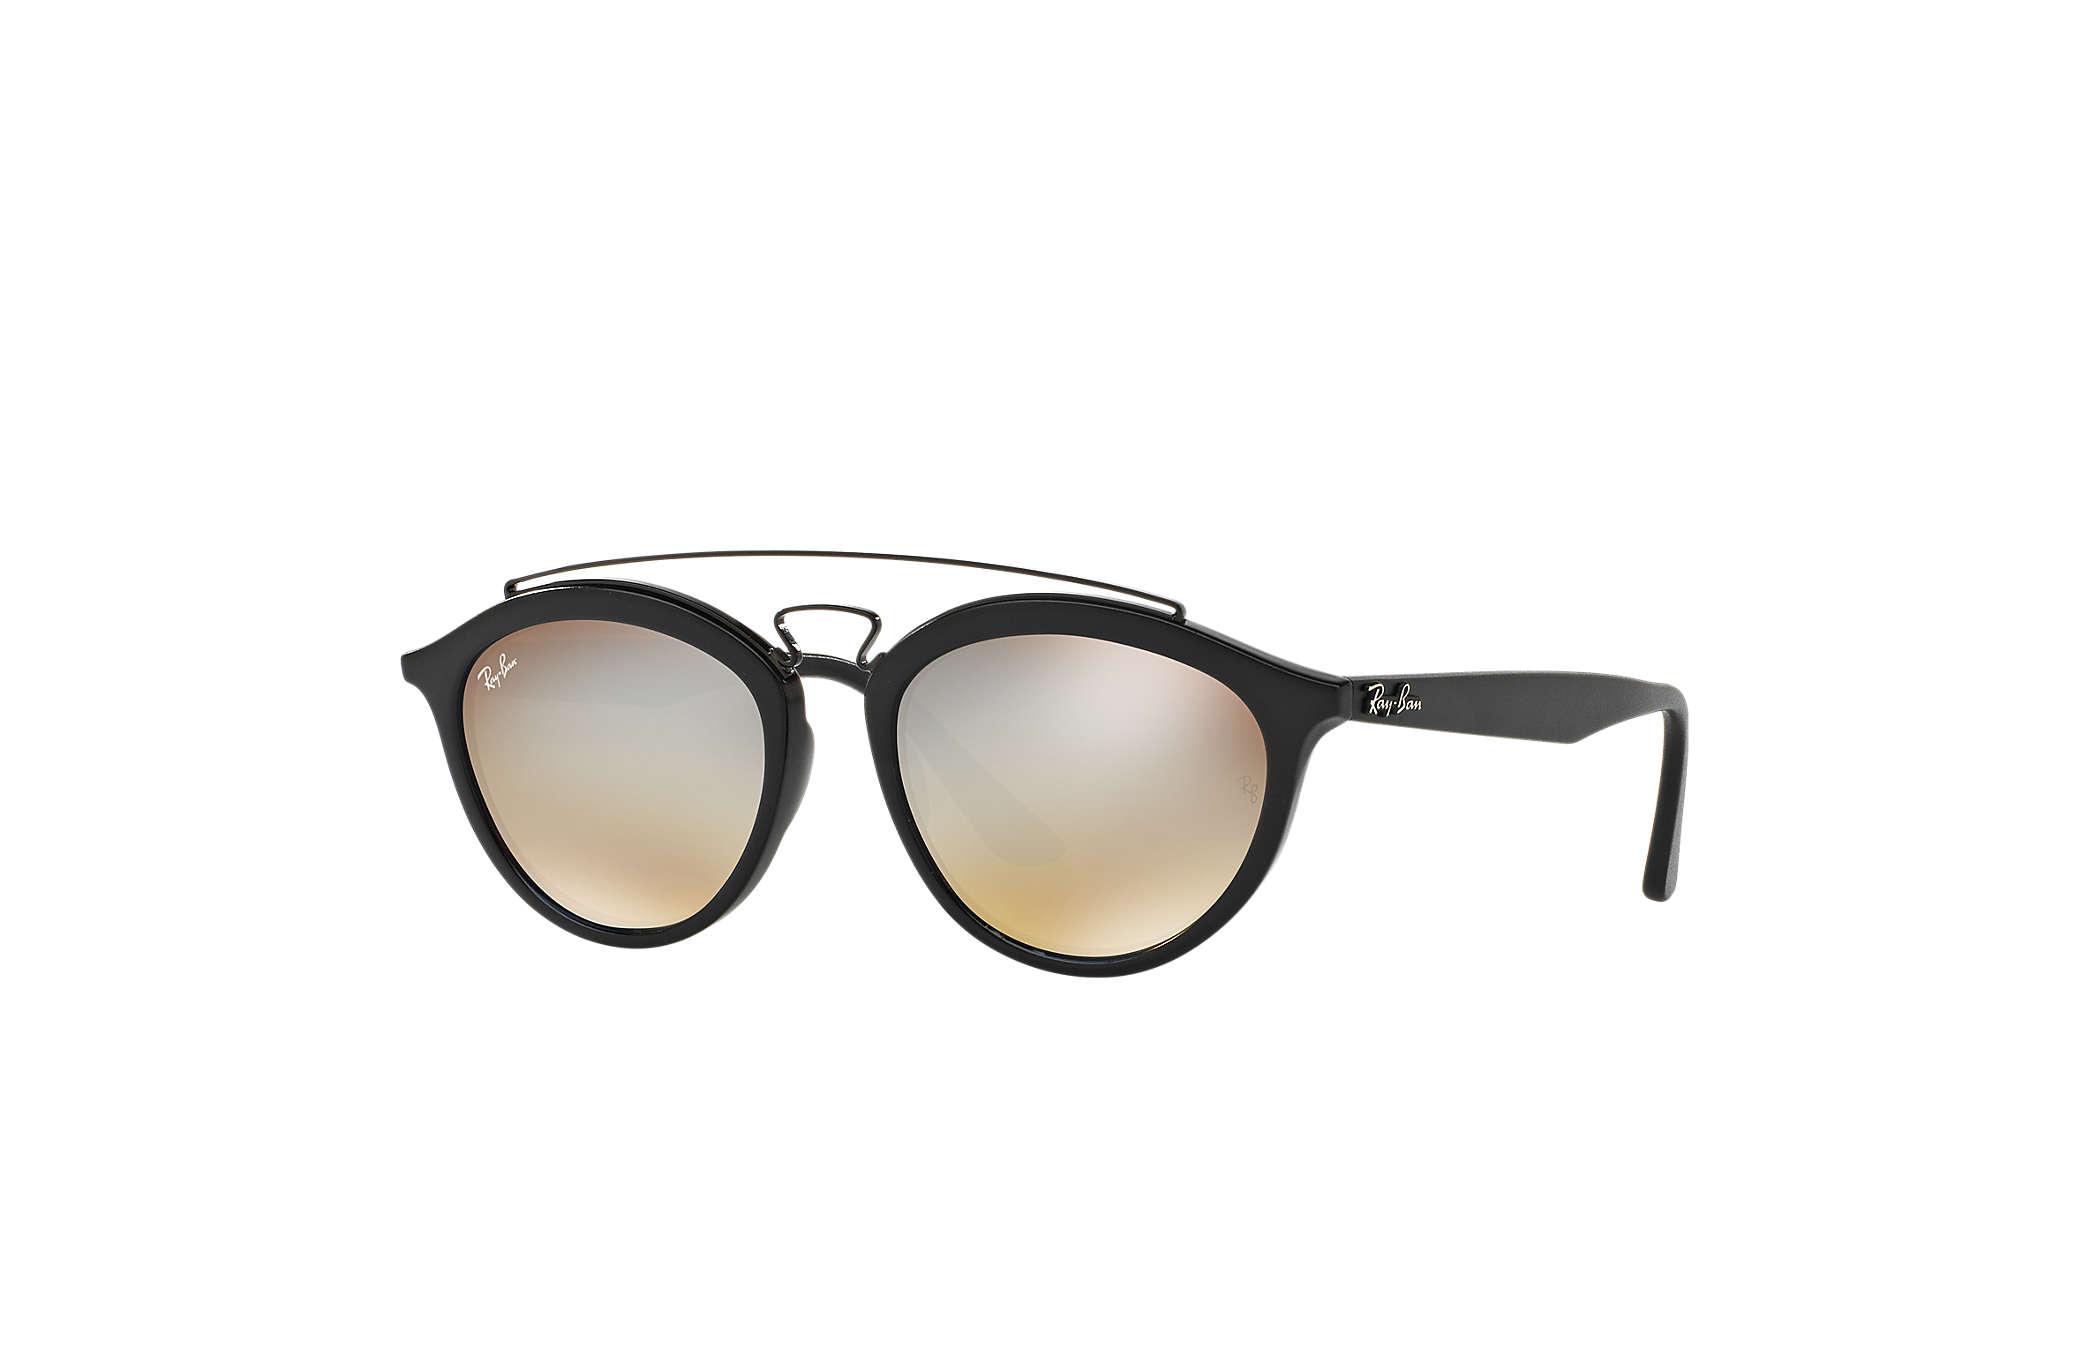 ray ban highstreet phantos aviator solbriller